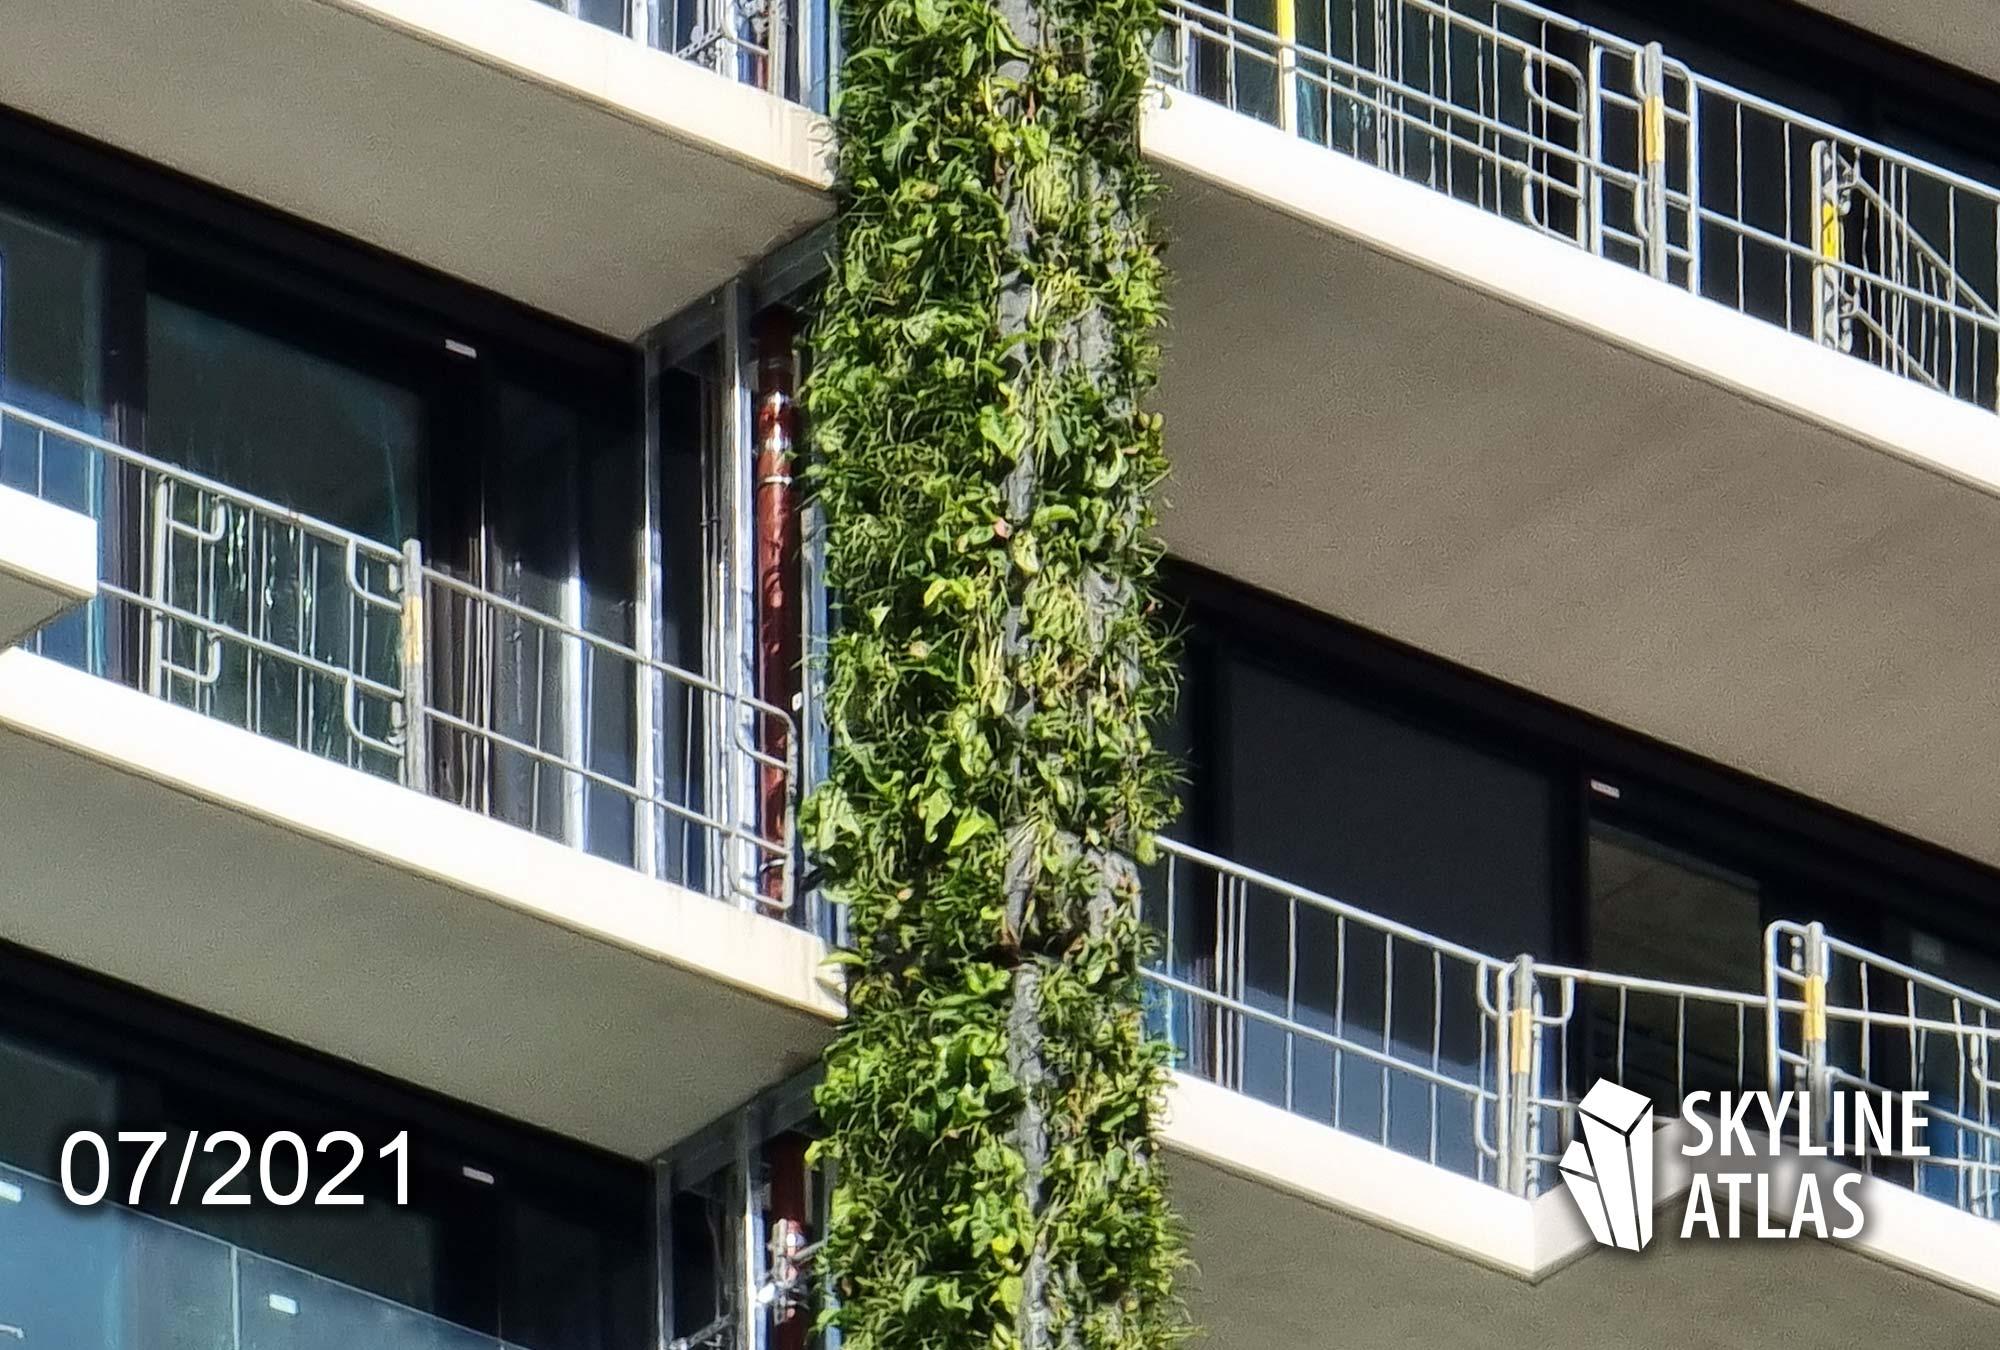 Hochhaus Bepflanzung Eden Tower - Grünes Hochhaus Frankfurt - Pflanzen an Fassade - Eden Tower FFM - Juli 2021